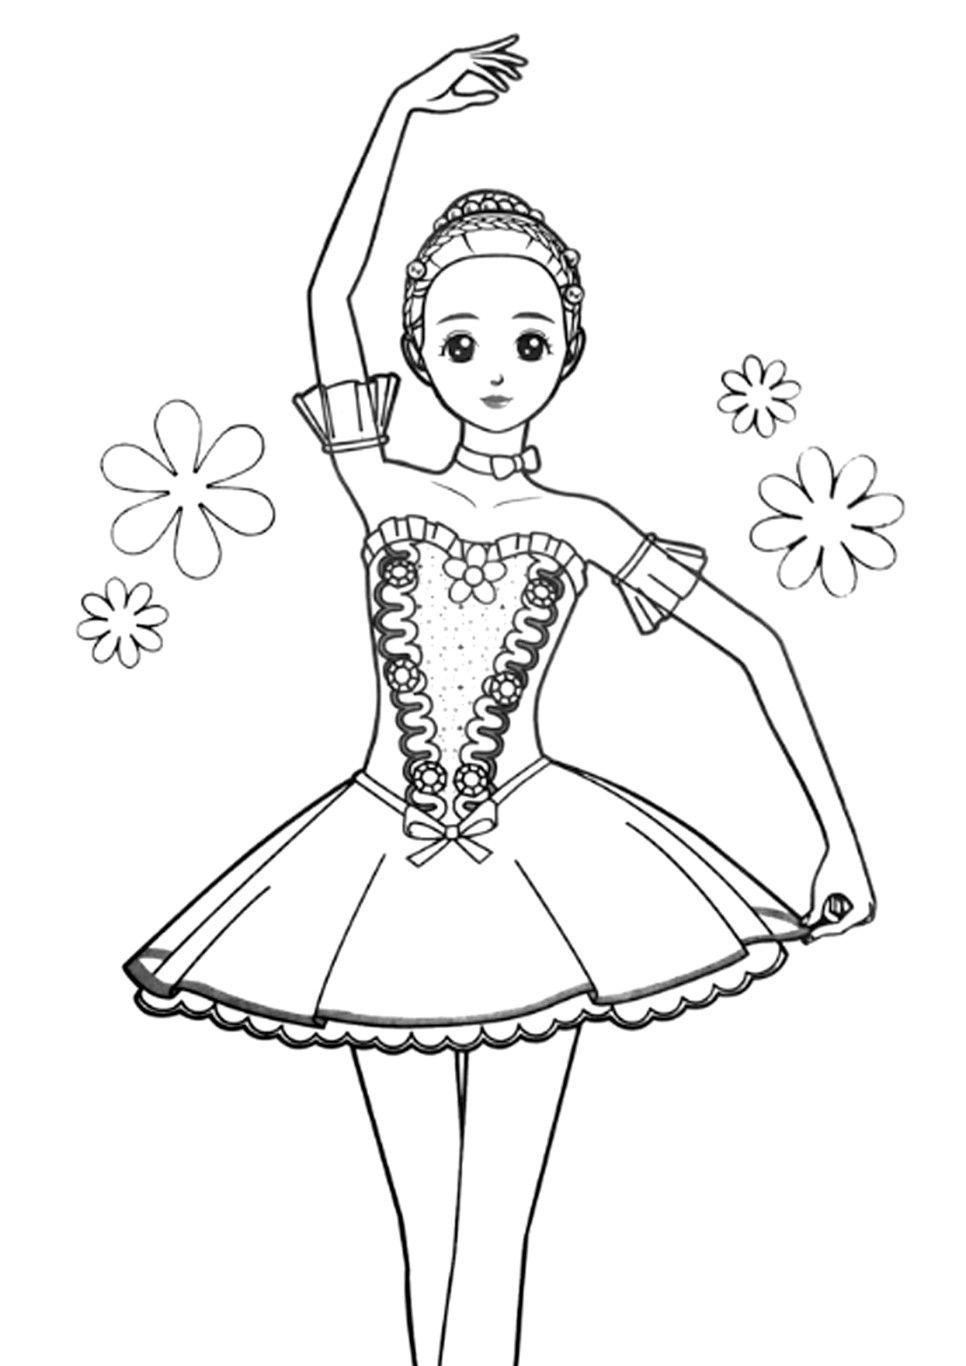 시크릿쥬쥬 색칠공부 도안 프린트하세요 네이버 블로그